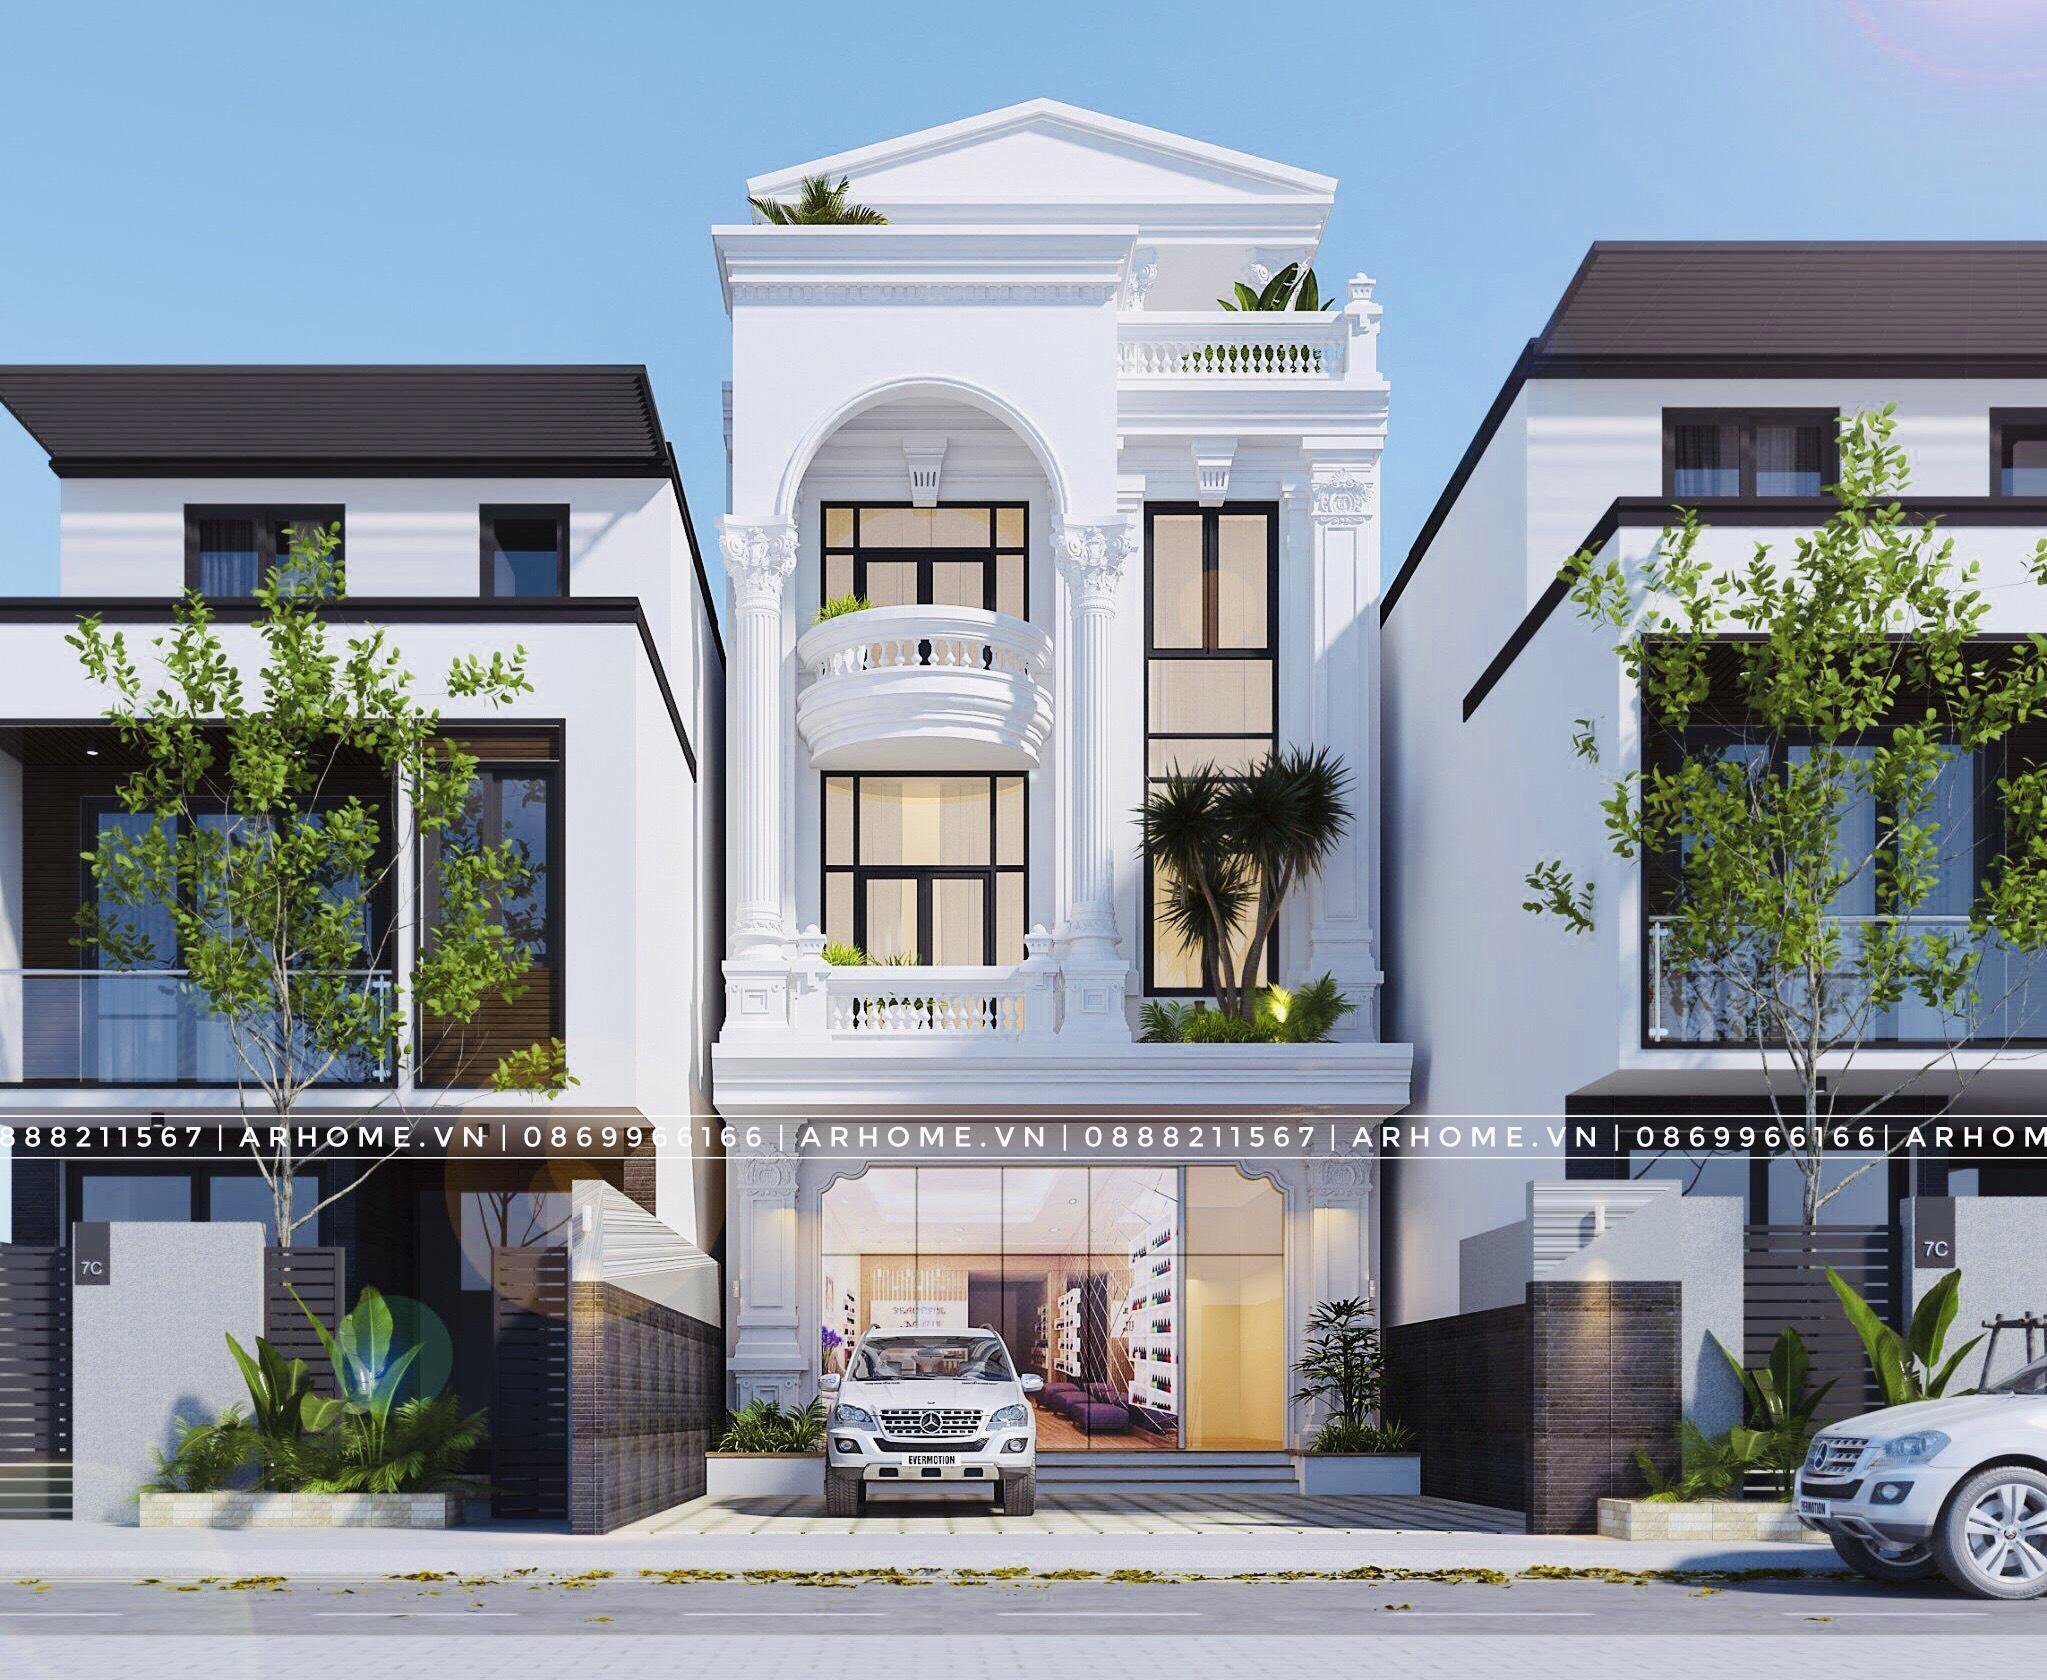 Mẫu nhà phố 3 tầng tân cổ điển kèm nội thất được yêu thích